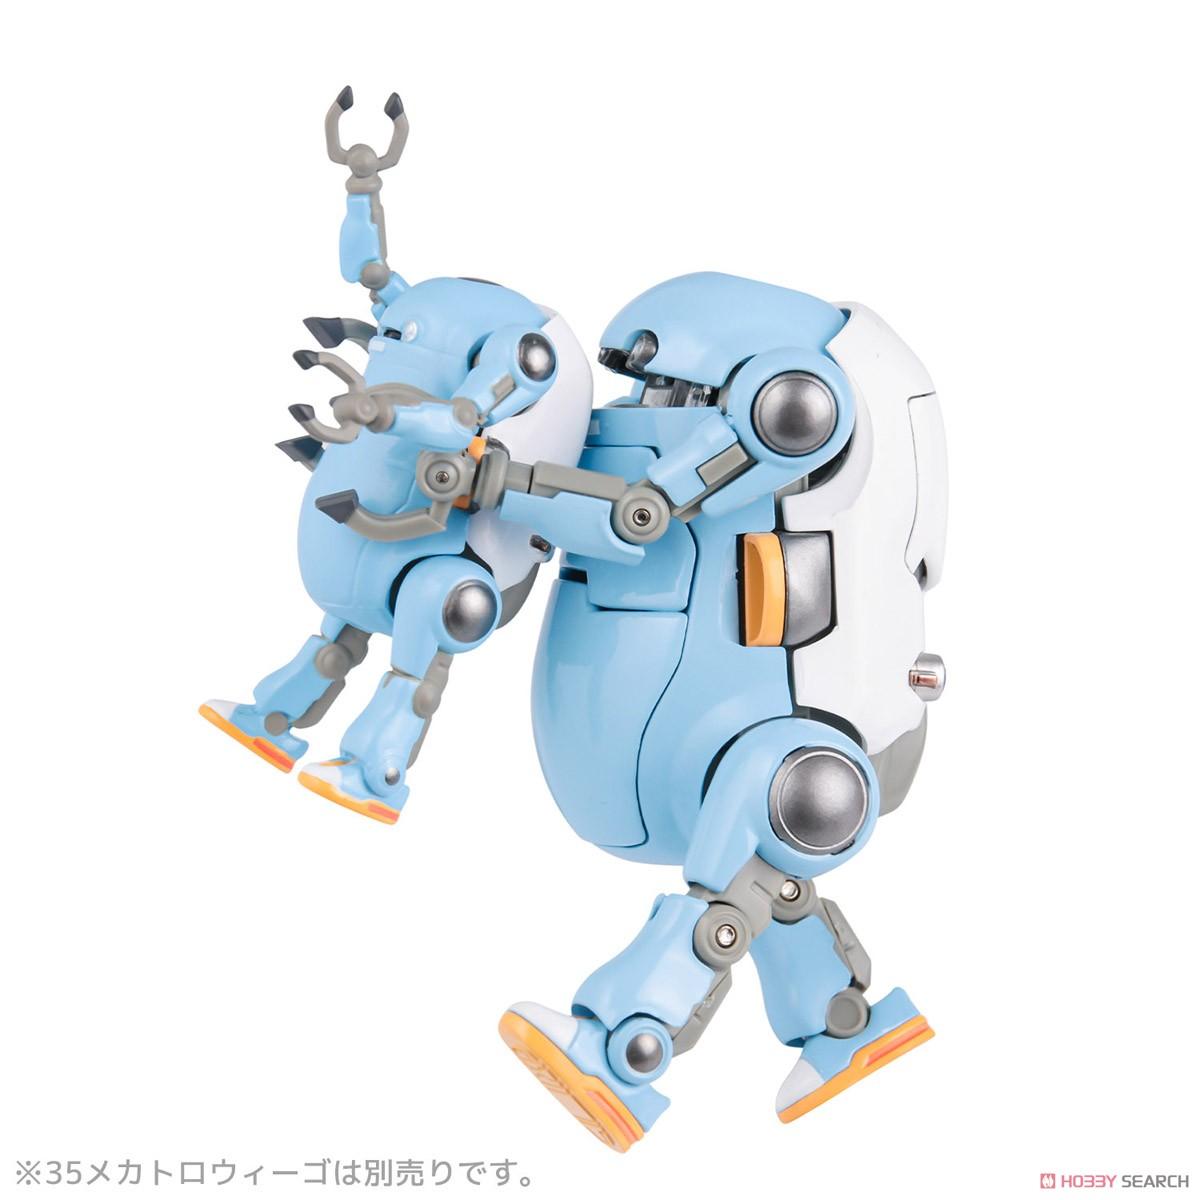 メカトロウィーゴ『タイニー メカトロウィーゴ3』6個入りBOX-011